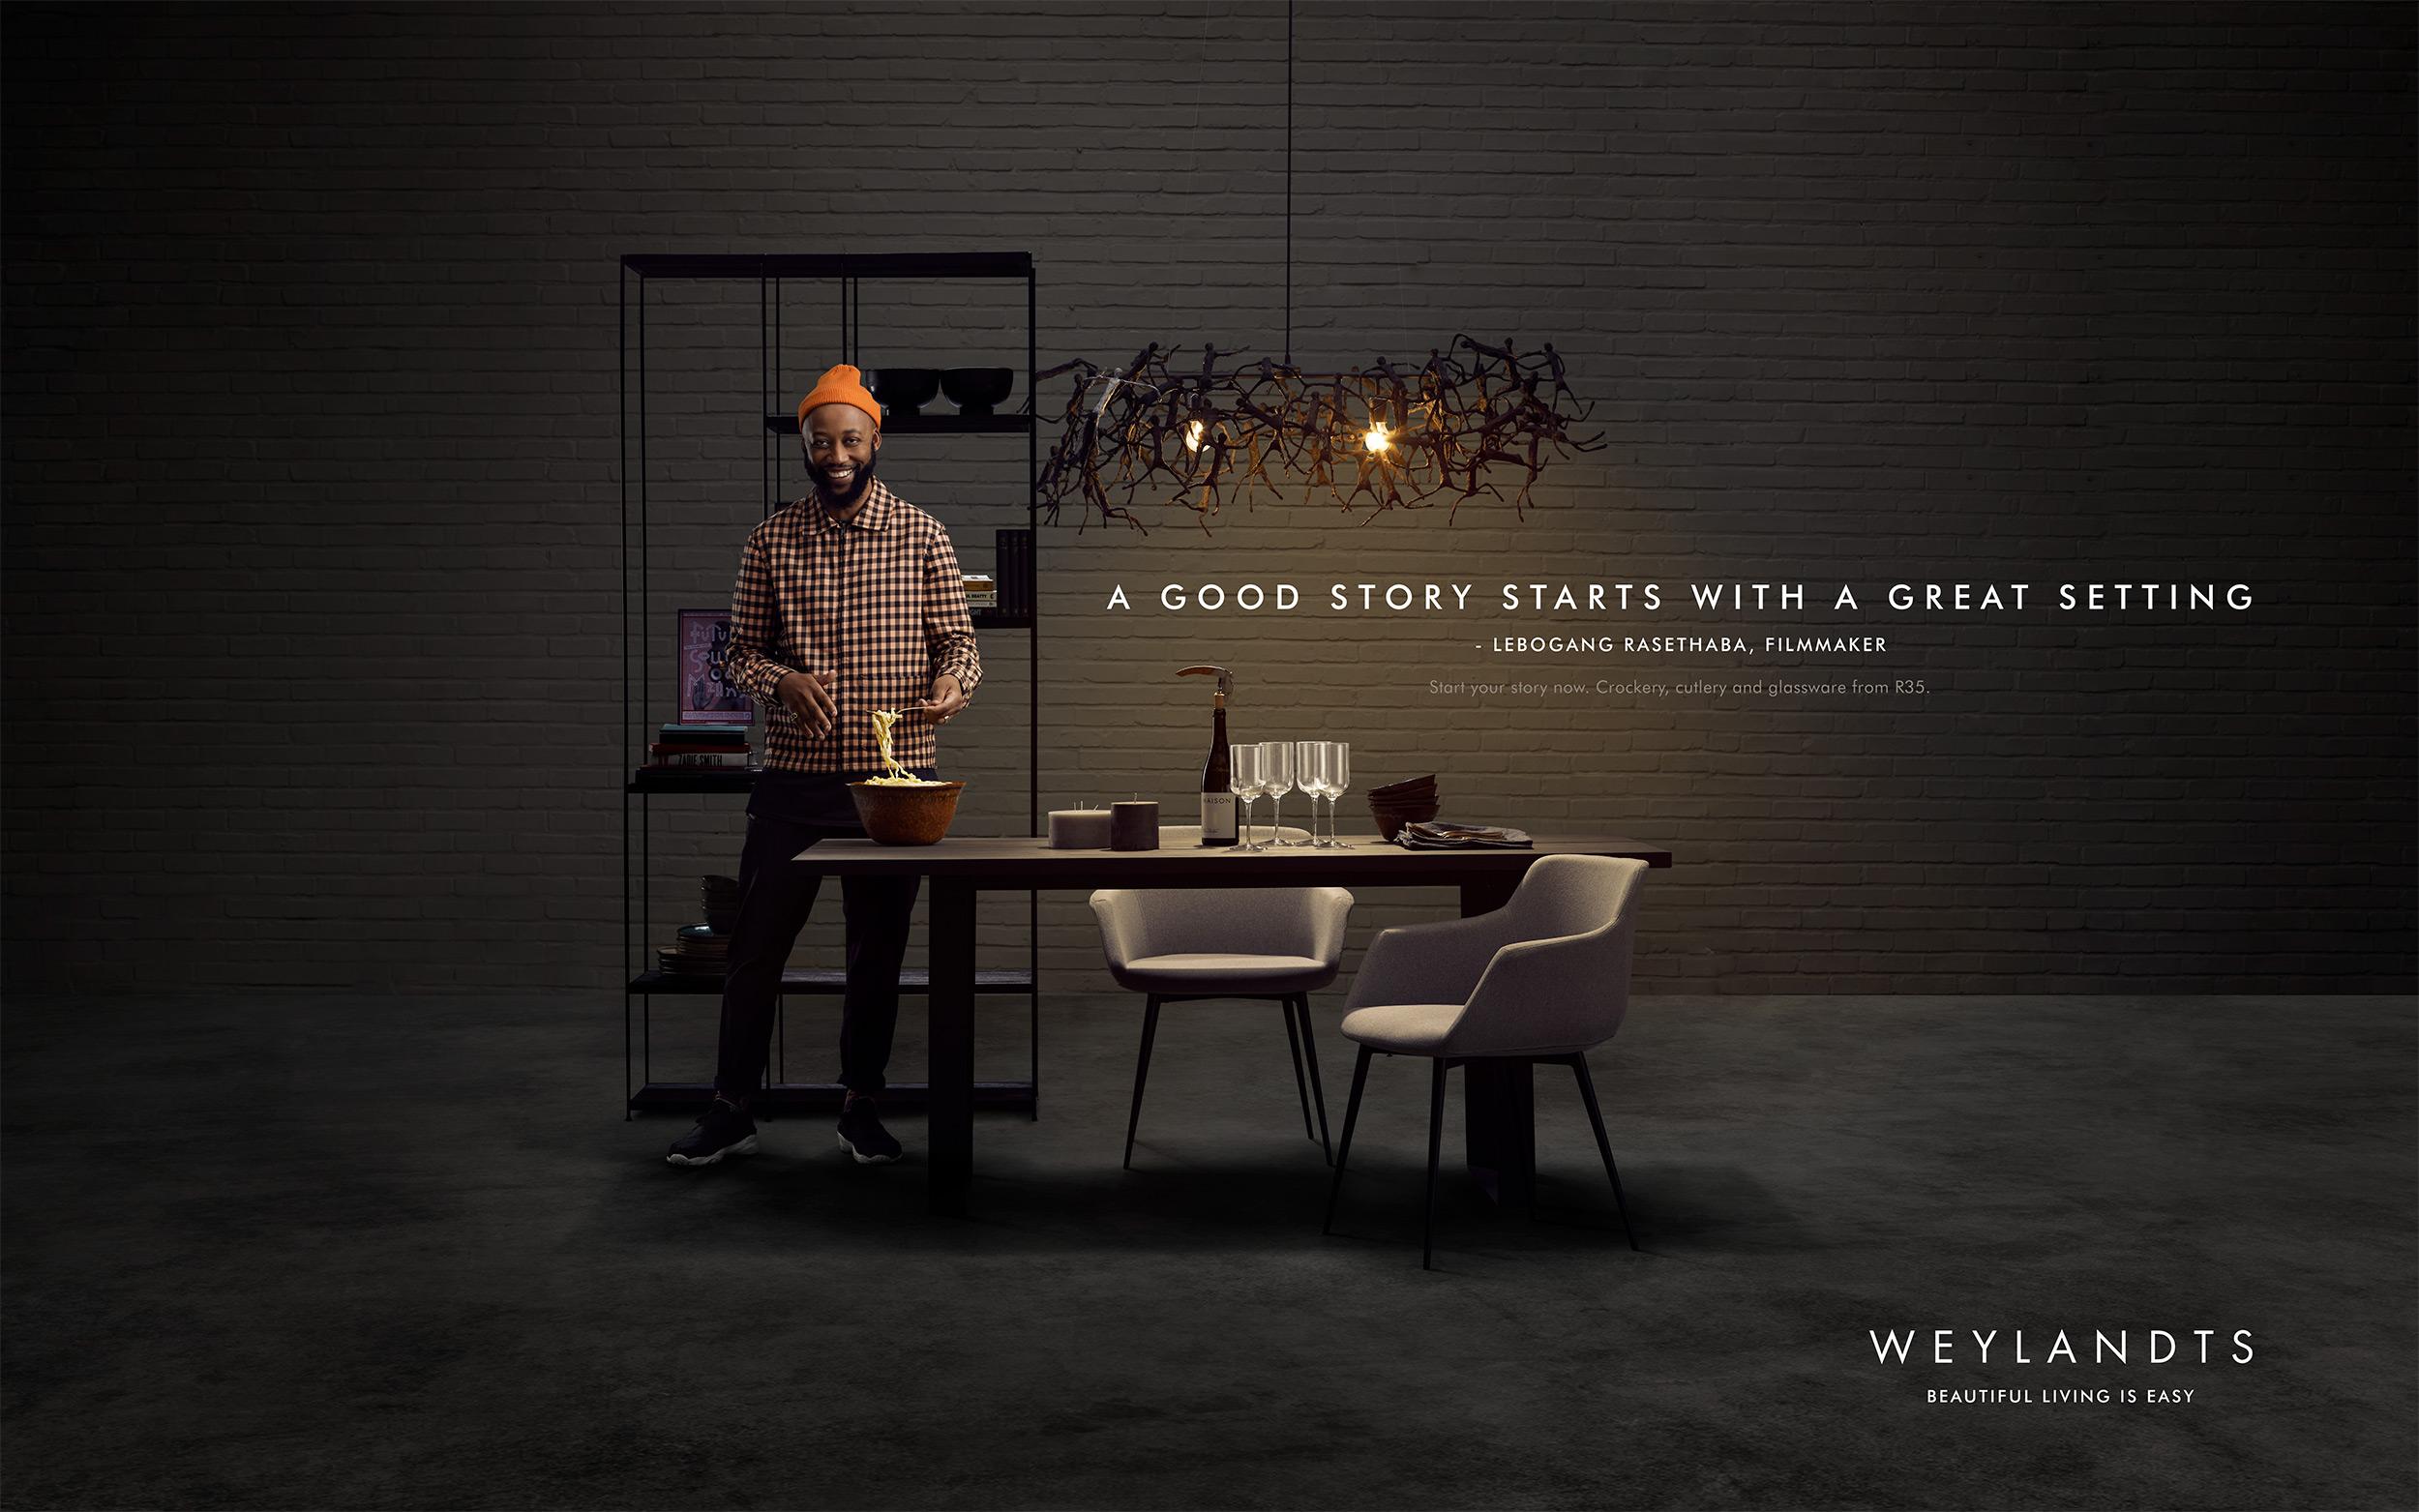 Weylands-low-res-2.jpg